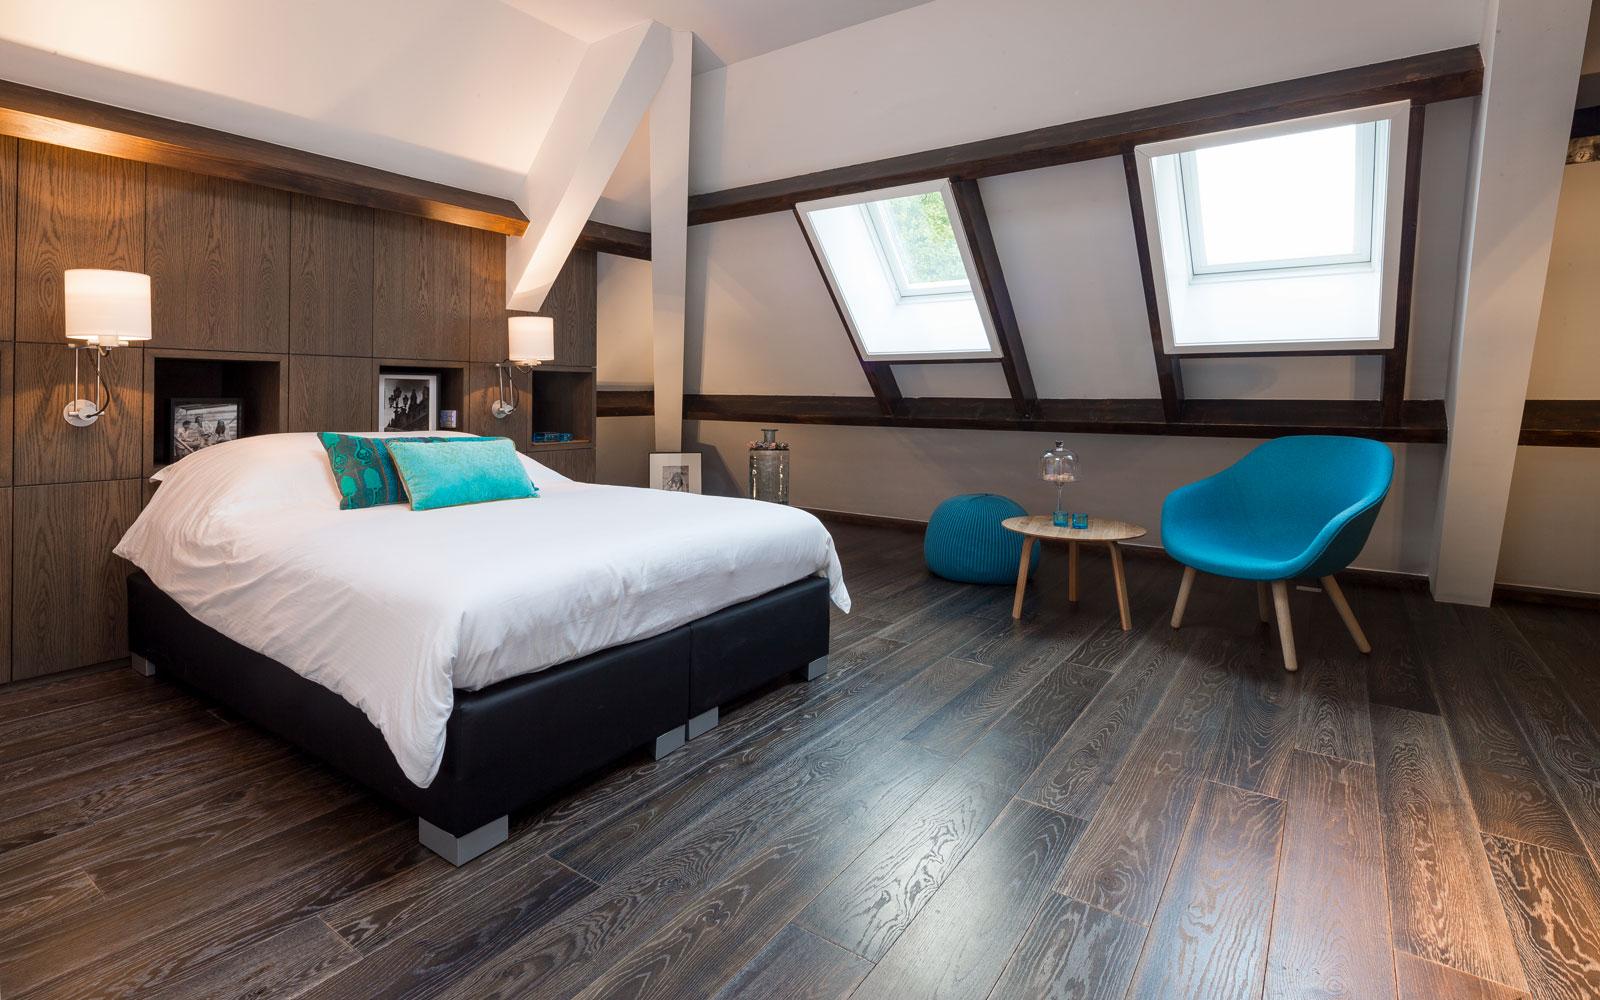 Slaapkamer, houten vloer, master bedroom, bed, schuine wand, dakraam, klassieke villa, François Hannes